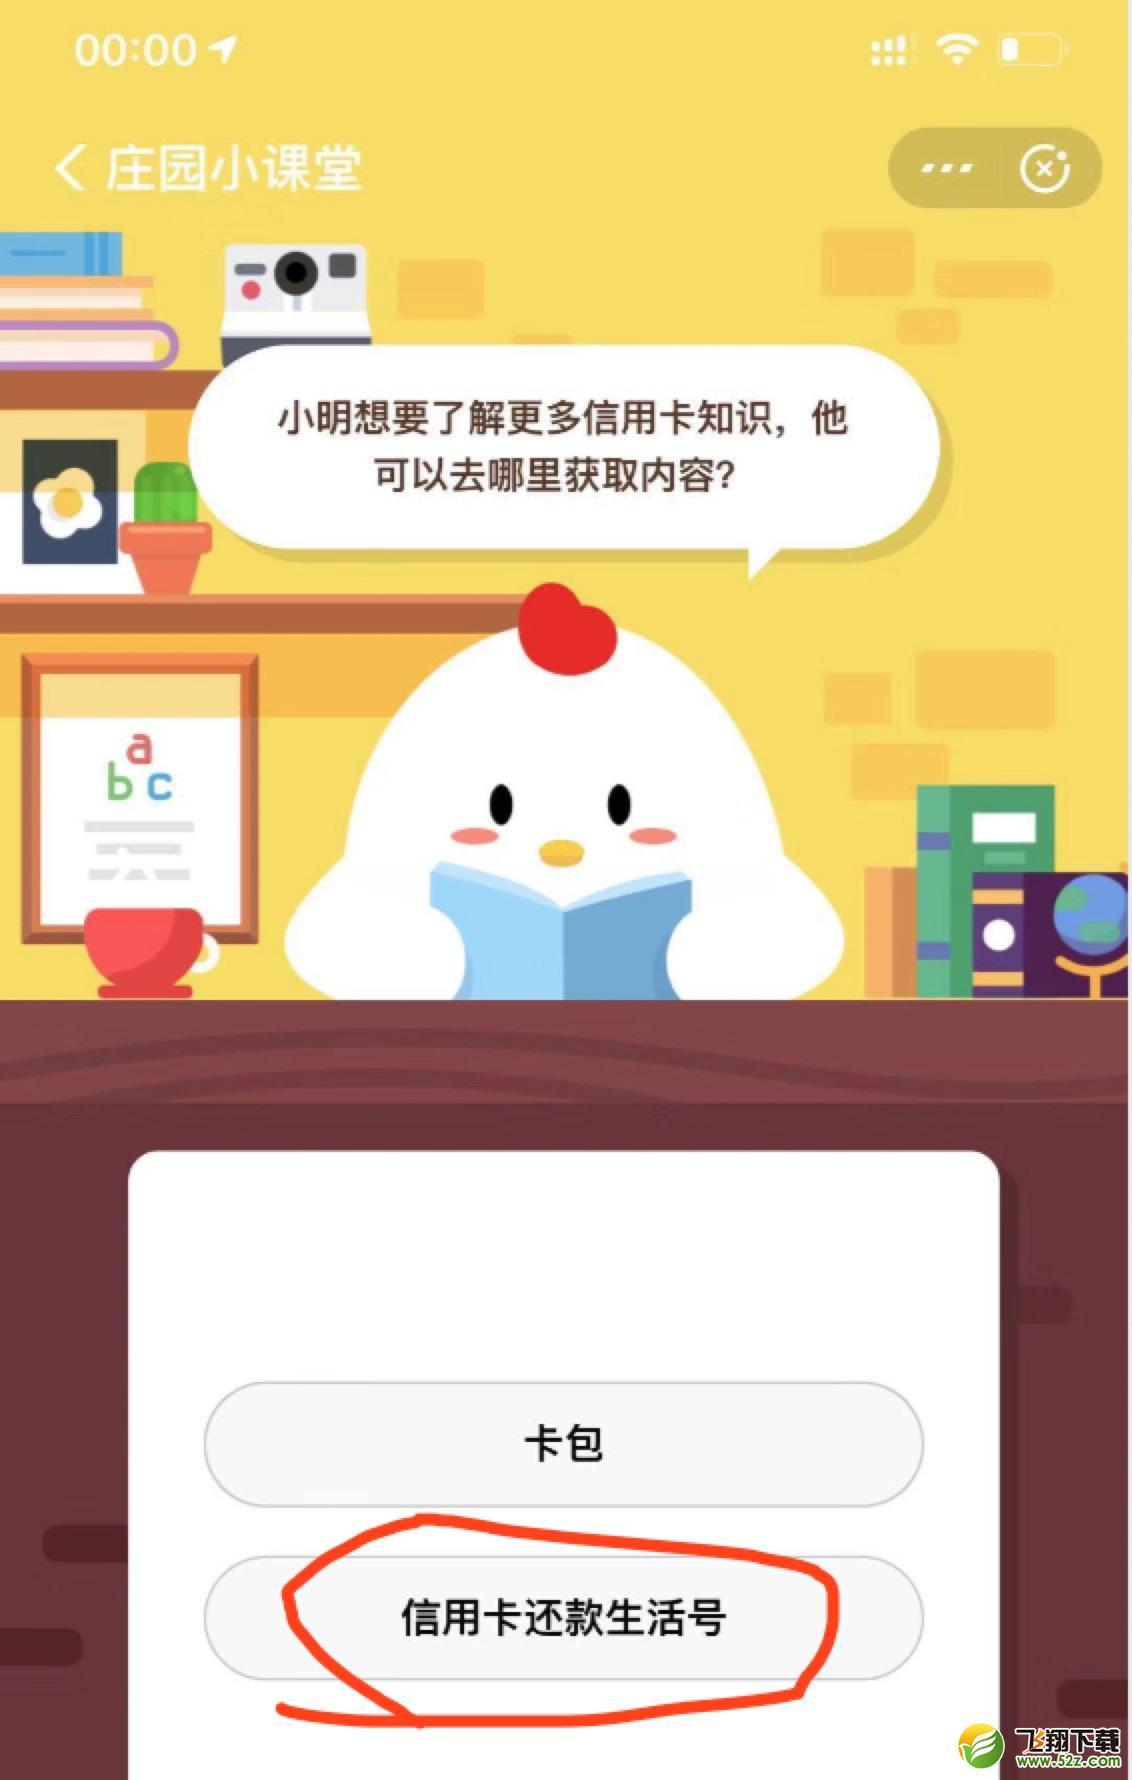 支付宝蚂蚁庄园小课堂3月15日题目:小明想要了解更多信用卡知识,他可以去哪里获取内容_52z.com